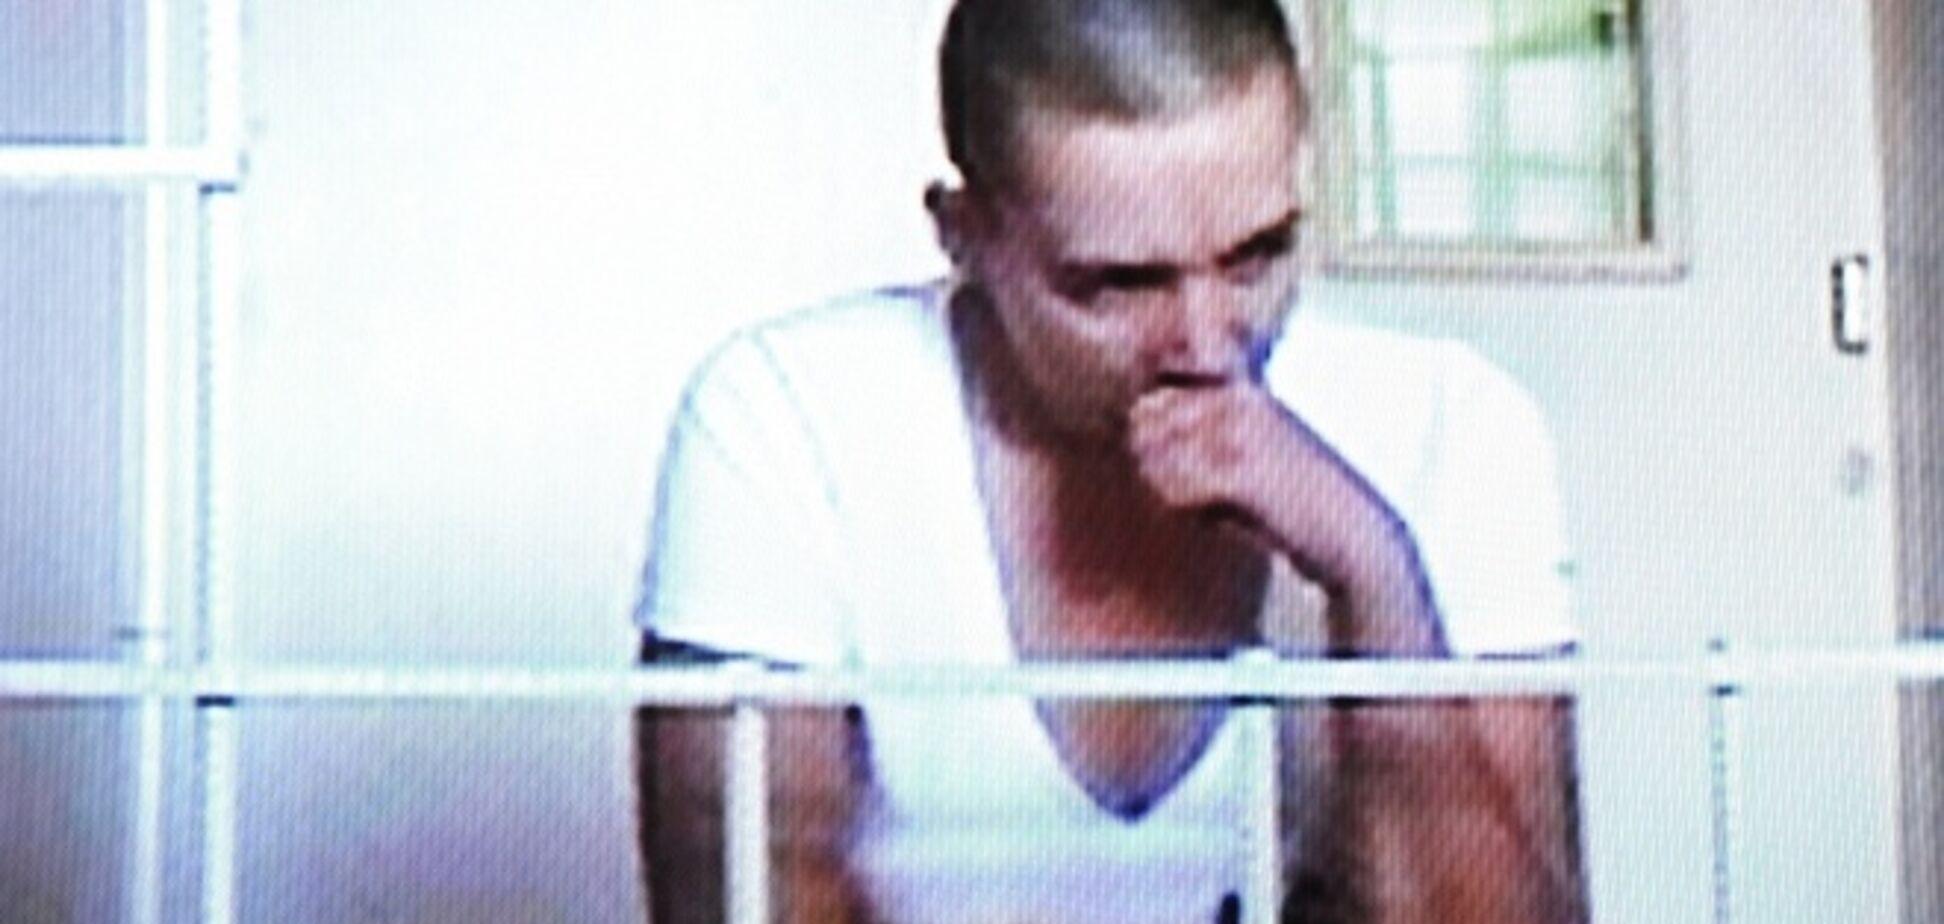 Летчицу Савченко везут в психбольницу в Санкт-Петербург - семья